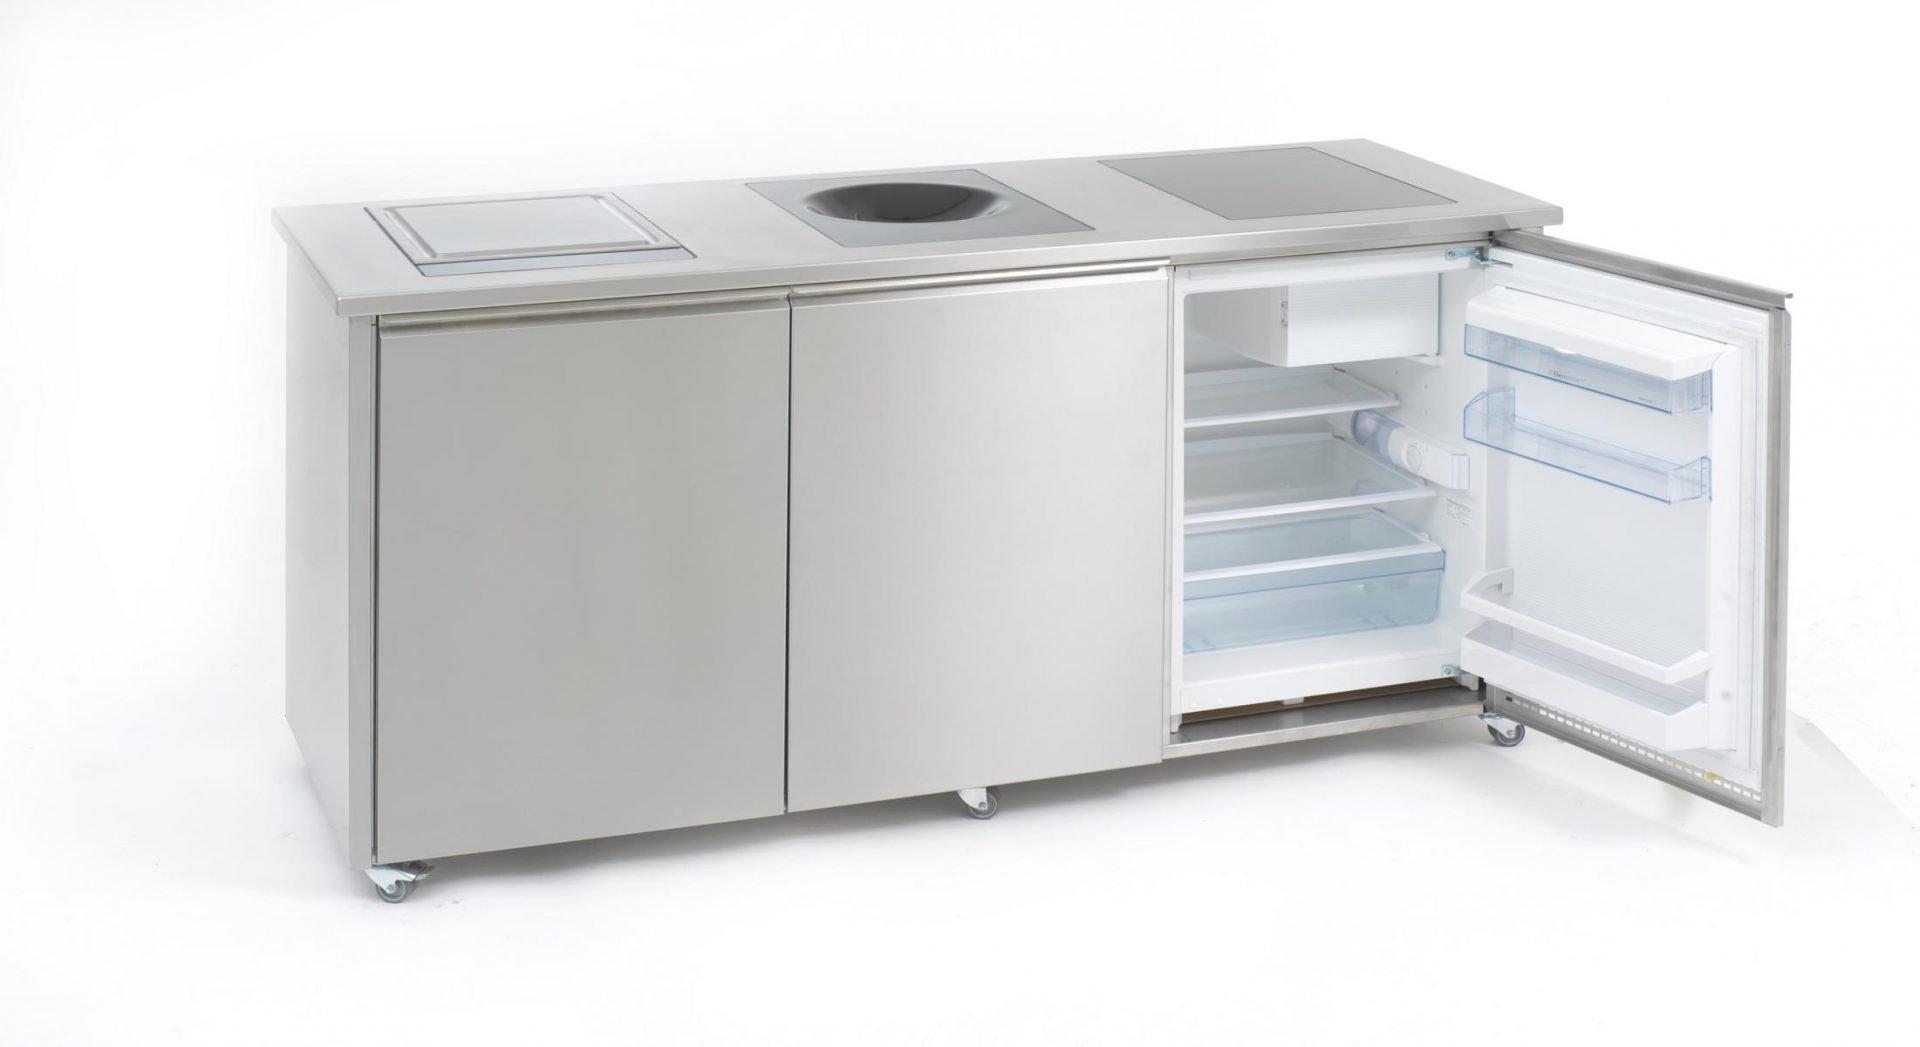 Outdoor Küche Edelstahl : Die modulare outdoorküche u edelstahl produkte made in germany